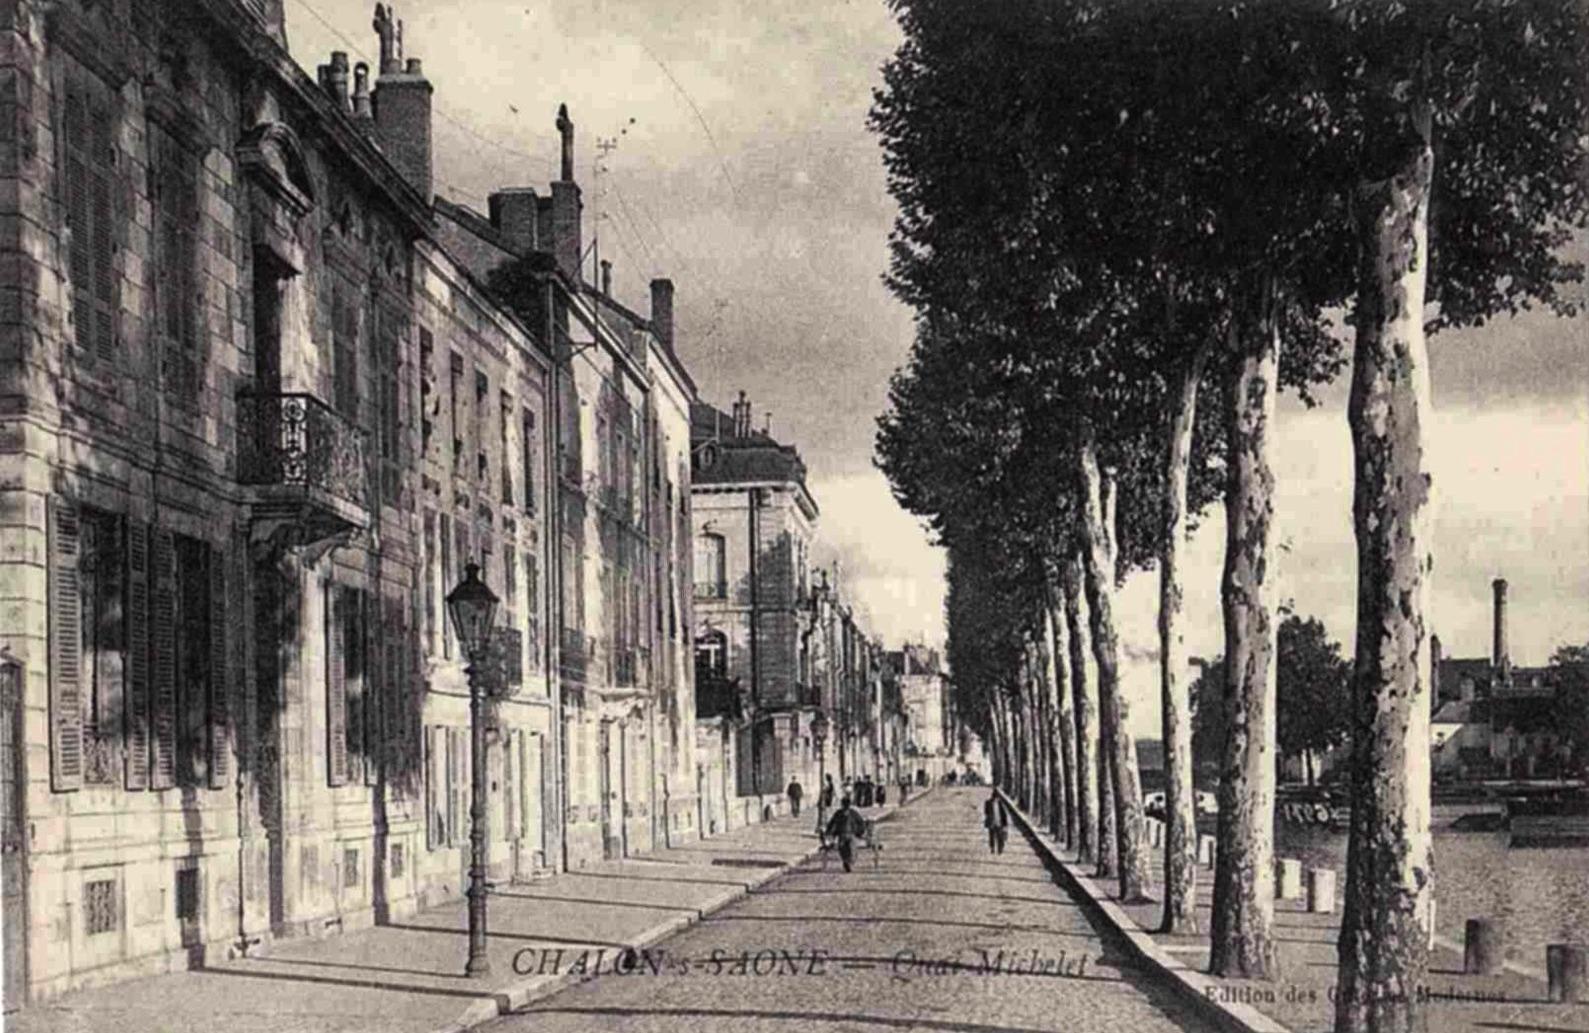 Chalon-sur-Saône (71) Quai Michelet CPA